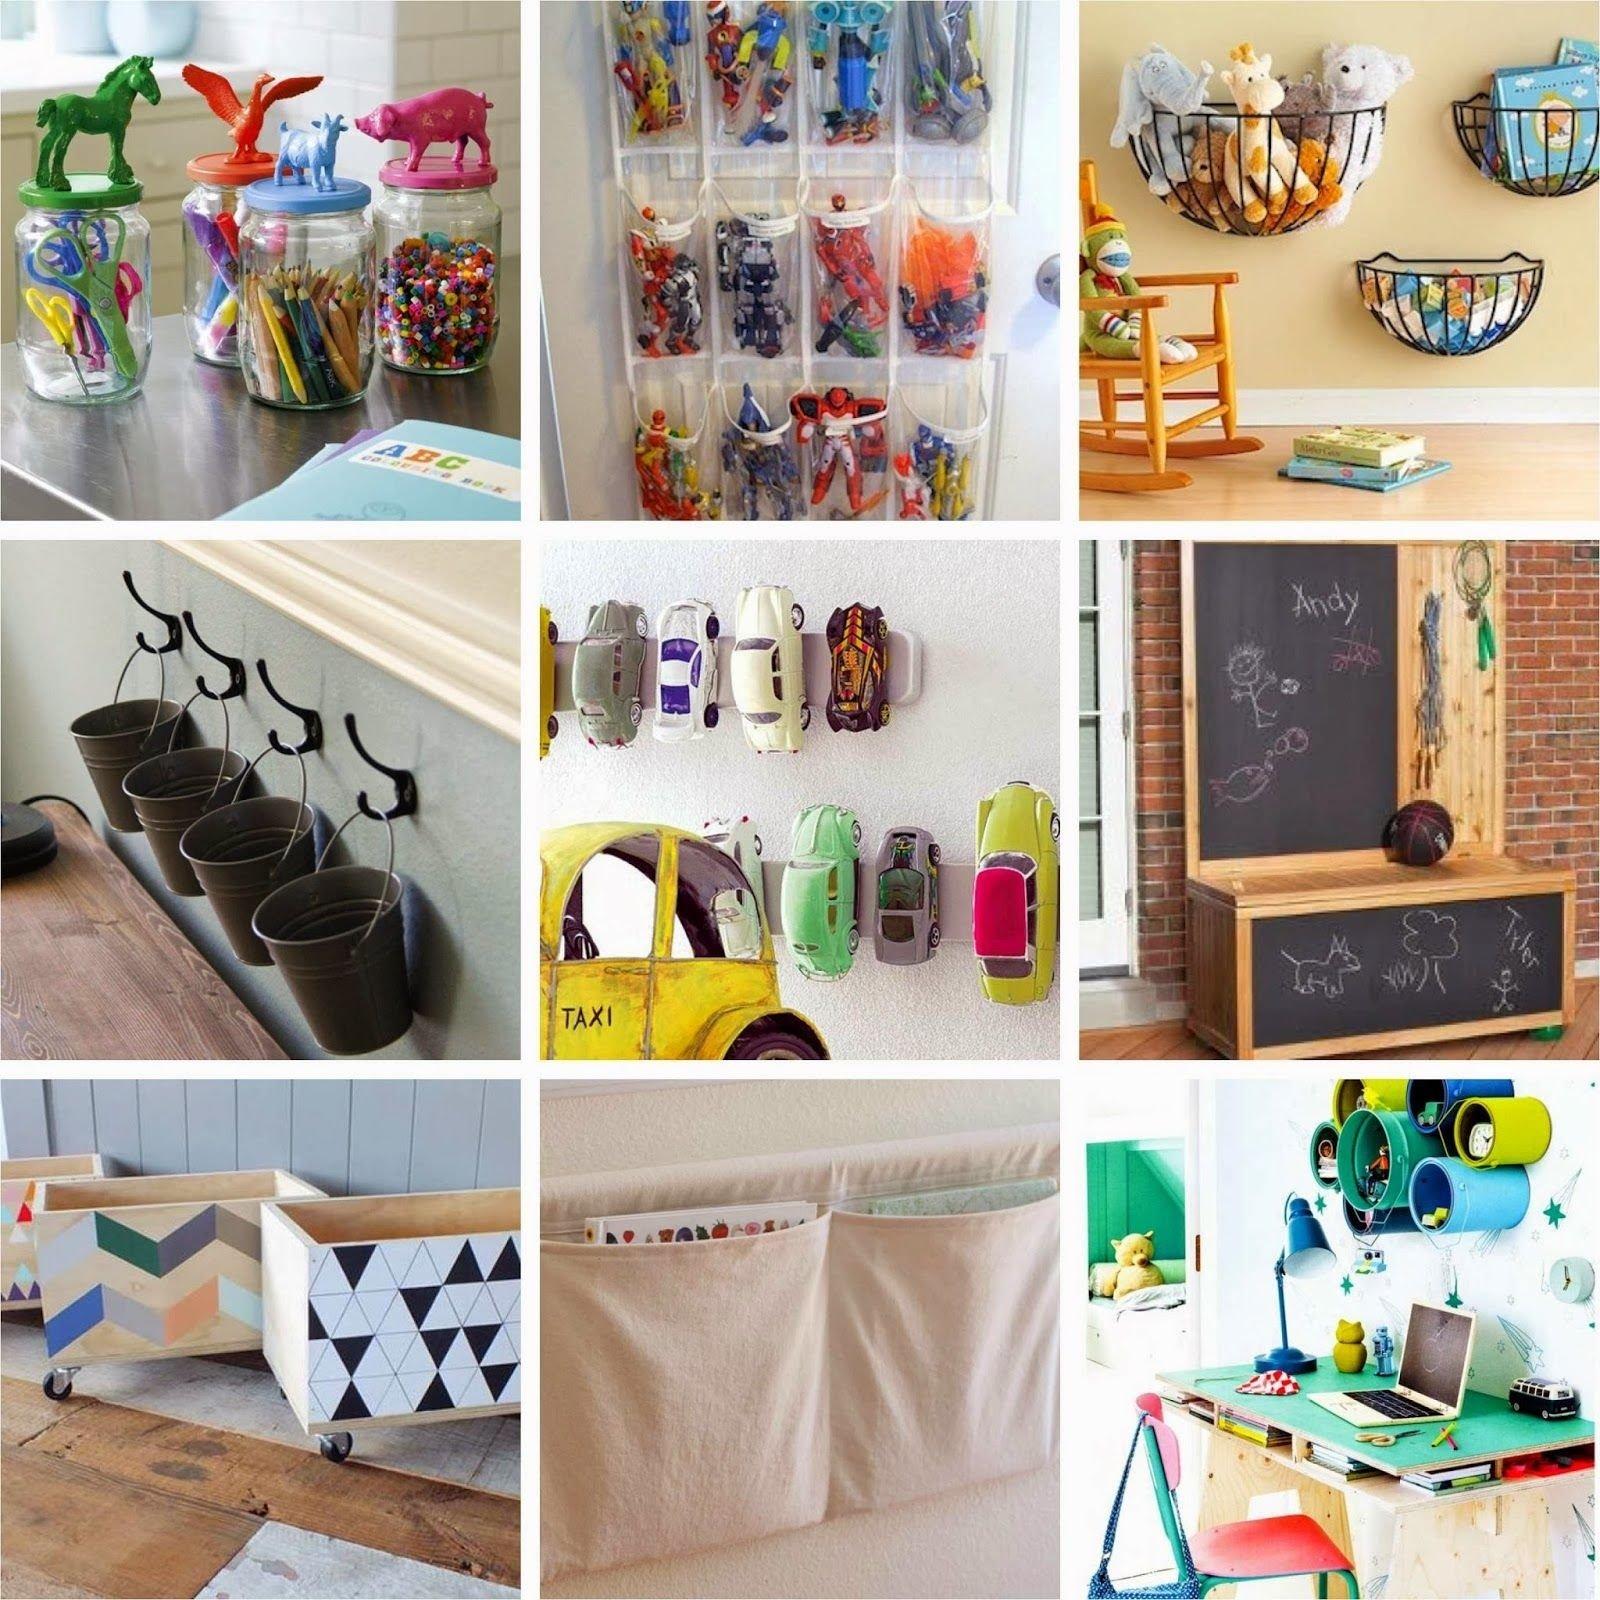 10 Attractive Diy Organization Ideas For Small Spaces diy bedroom organization ideas great idea for small room loversiq 2020